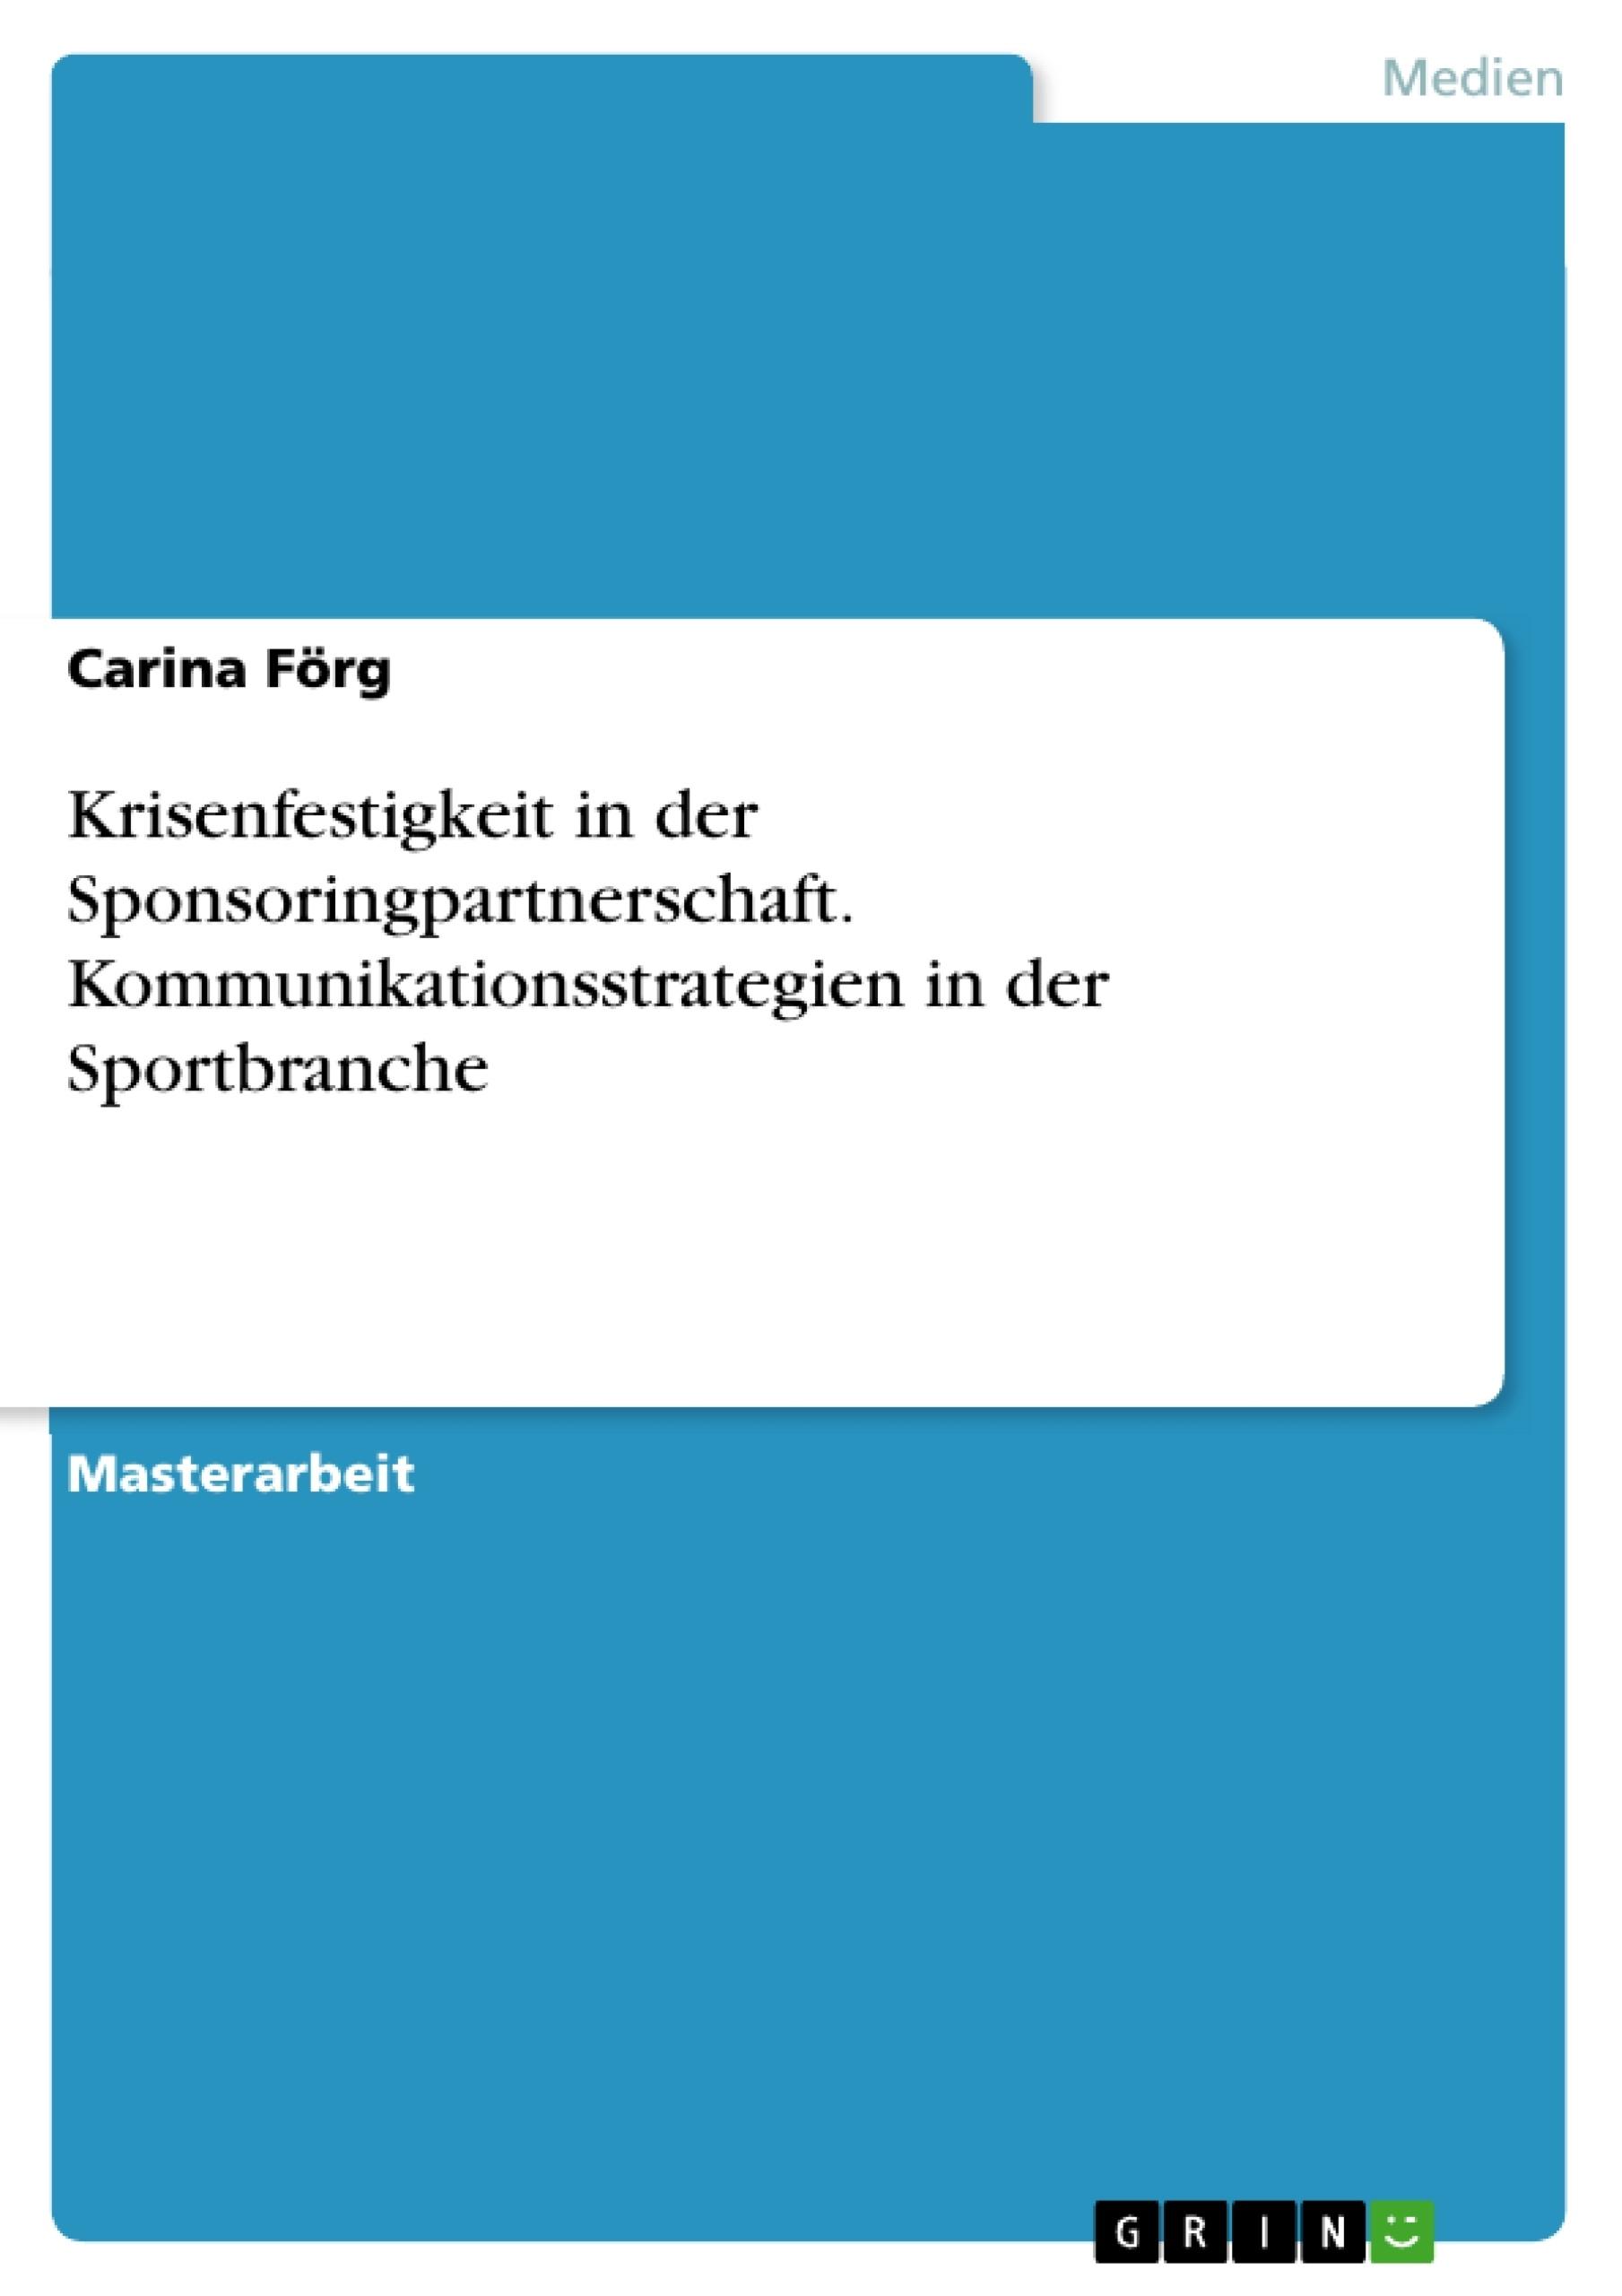 Titel: Krisenfestigkeit in der Sponsoringpartnerschaft. Kommunikationsstrategien in der Sportbranche